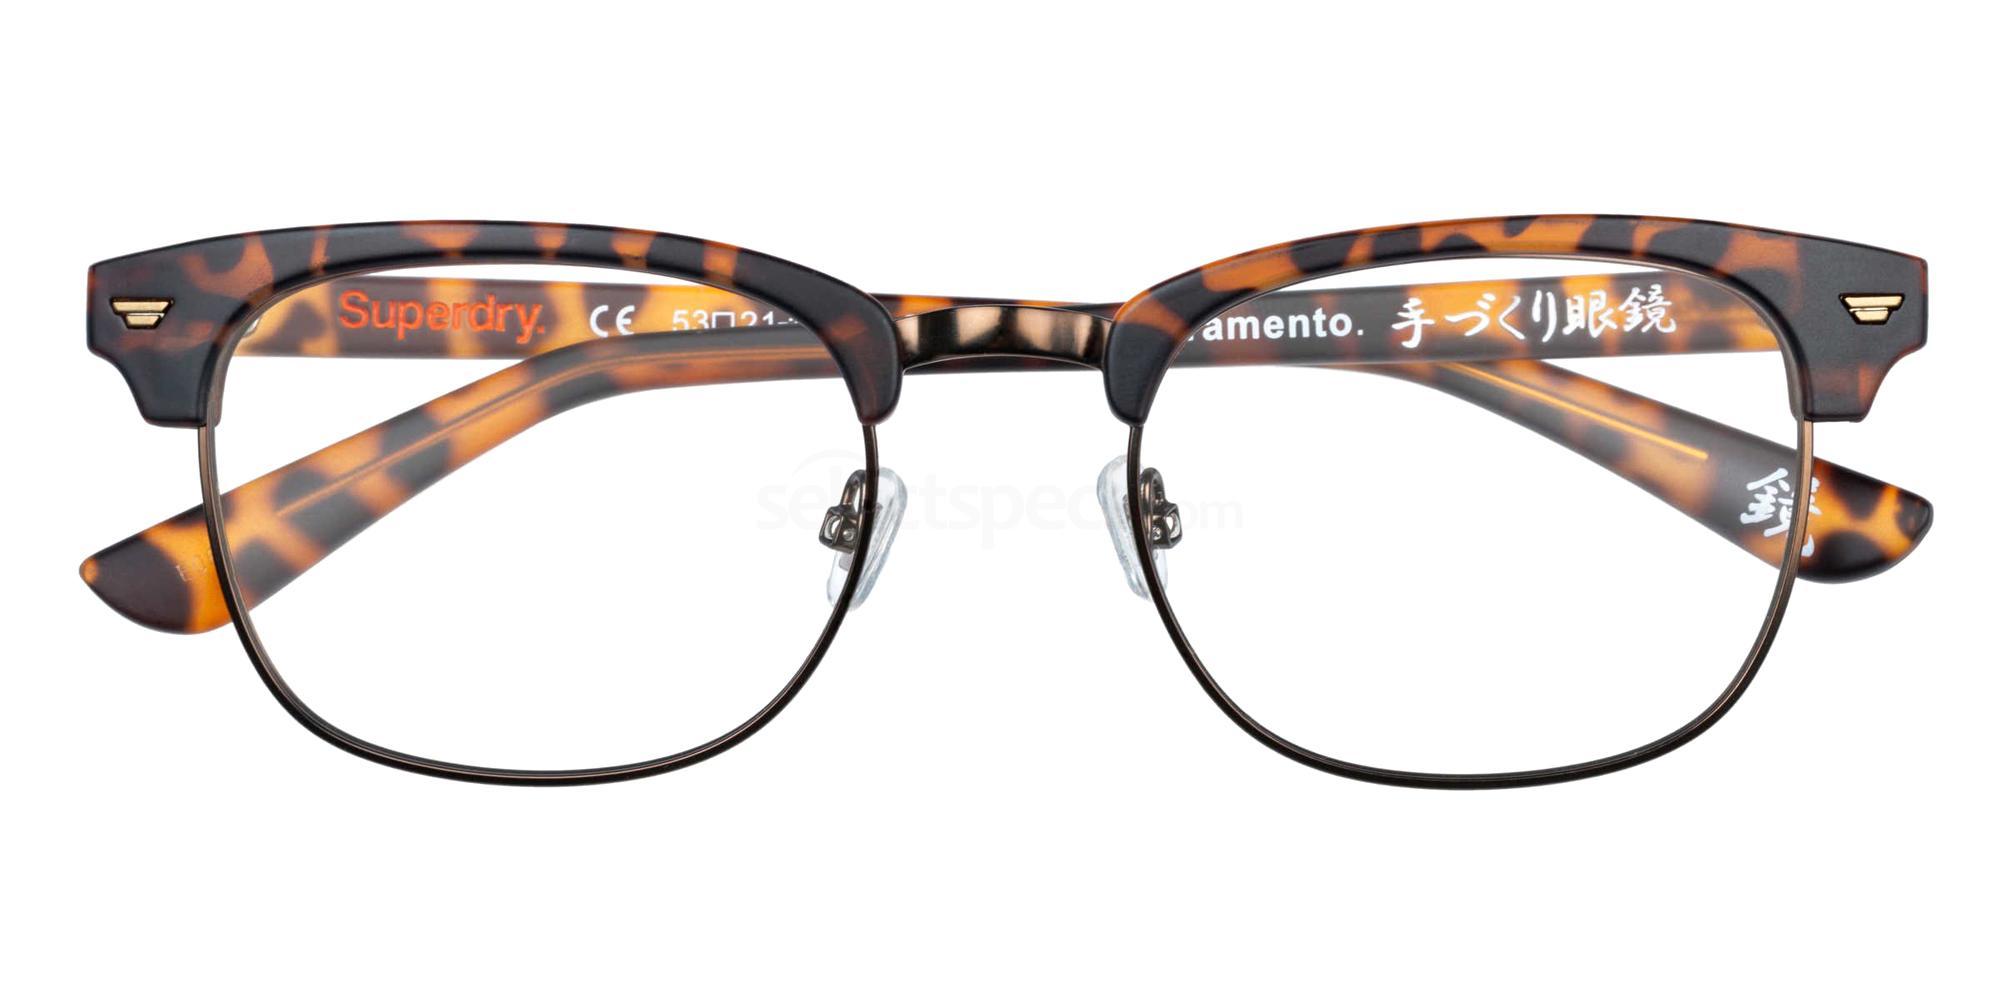 102 SDO-SACRAMENTO Glasses, Superdry